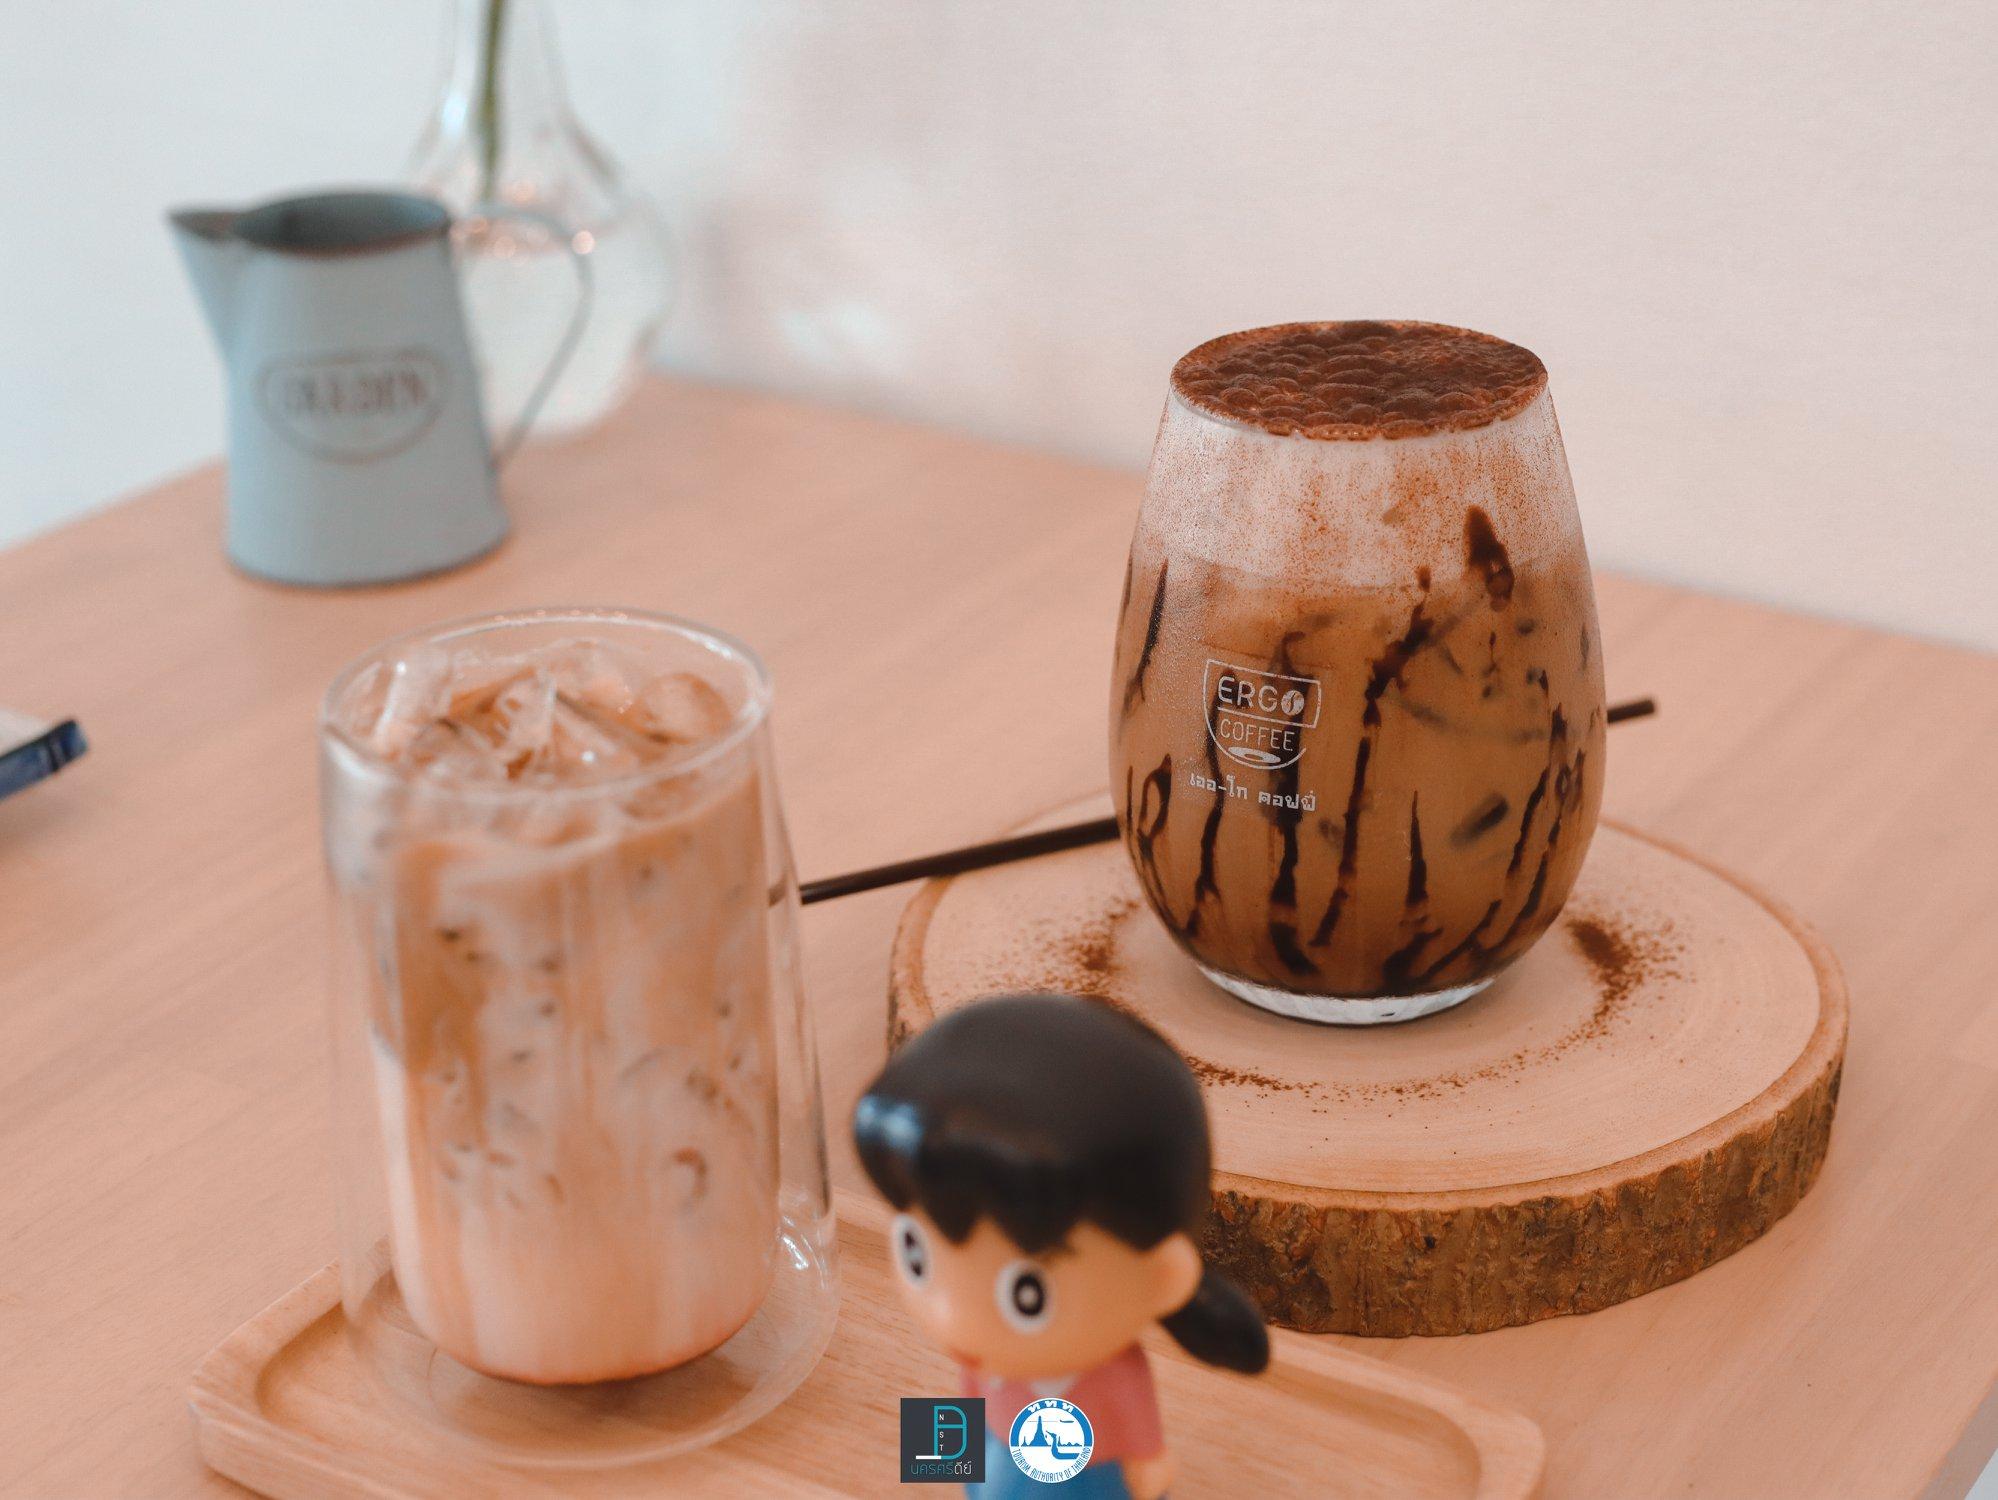 โกโก้,นครศรีธรรมราช,อร่อย,ergo,coffee,ของกิน,เครื่องดื่ม,คาเฟ่